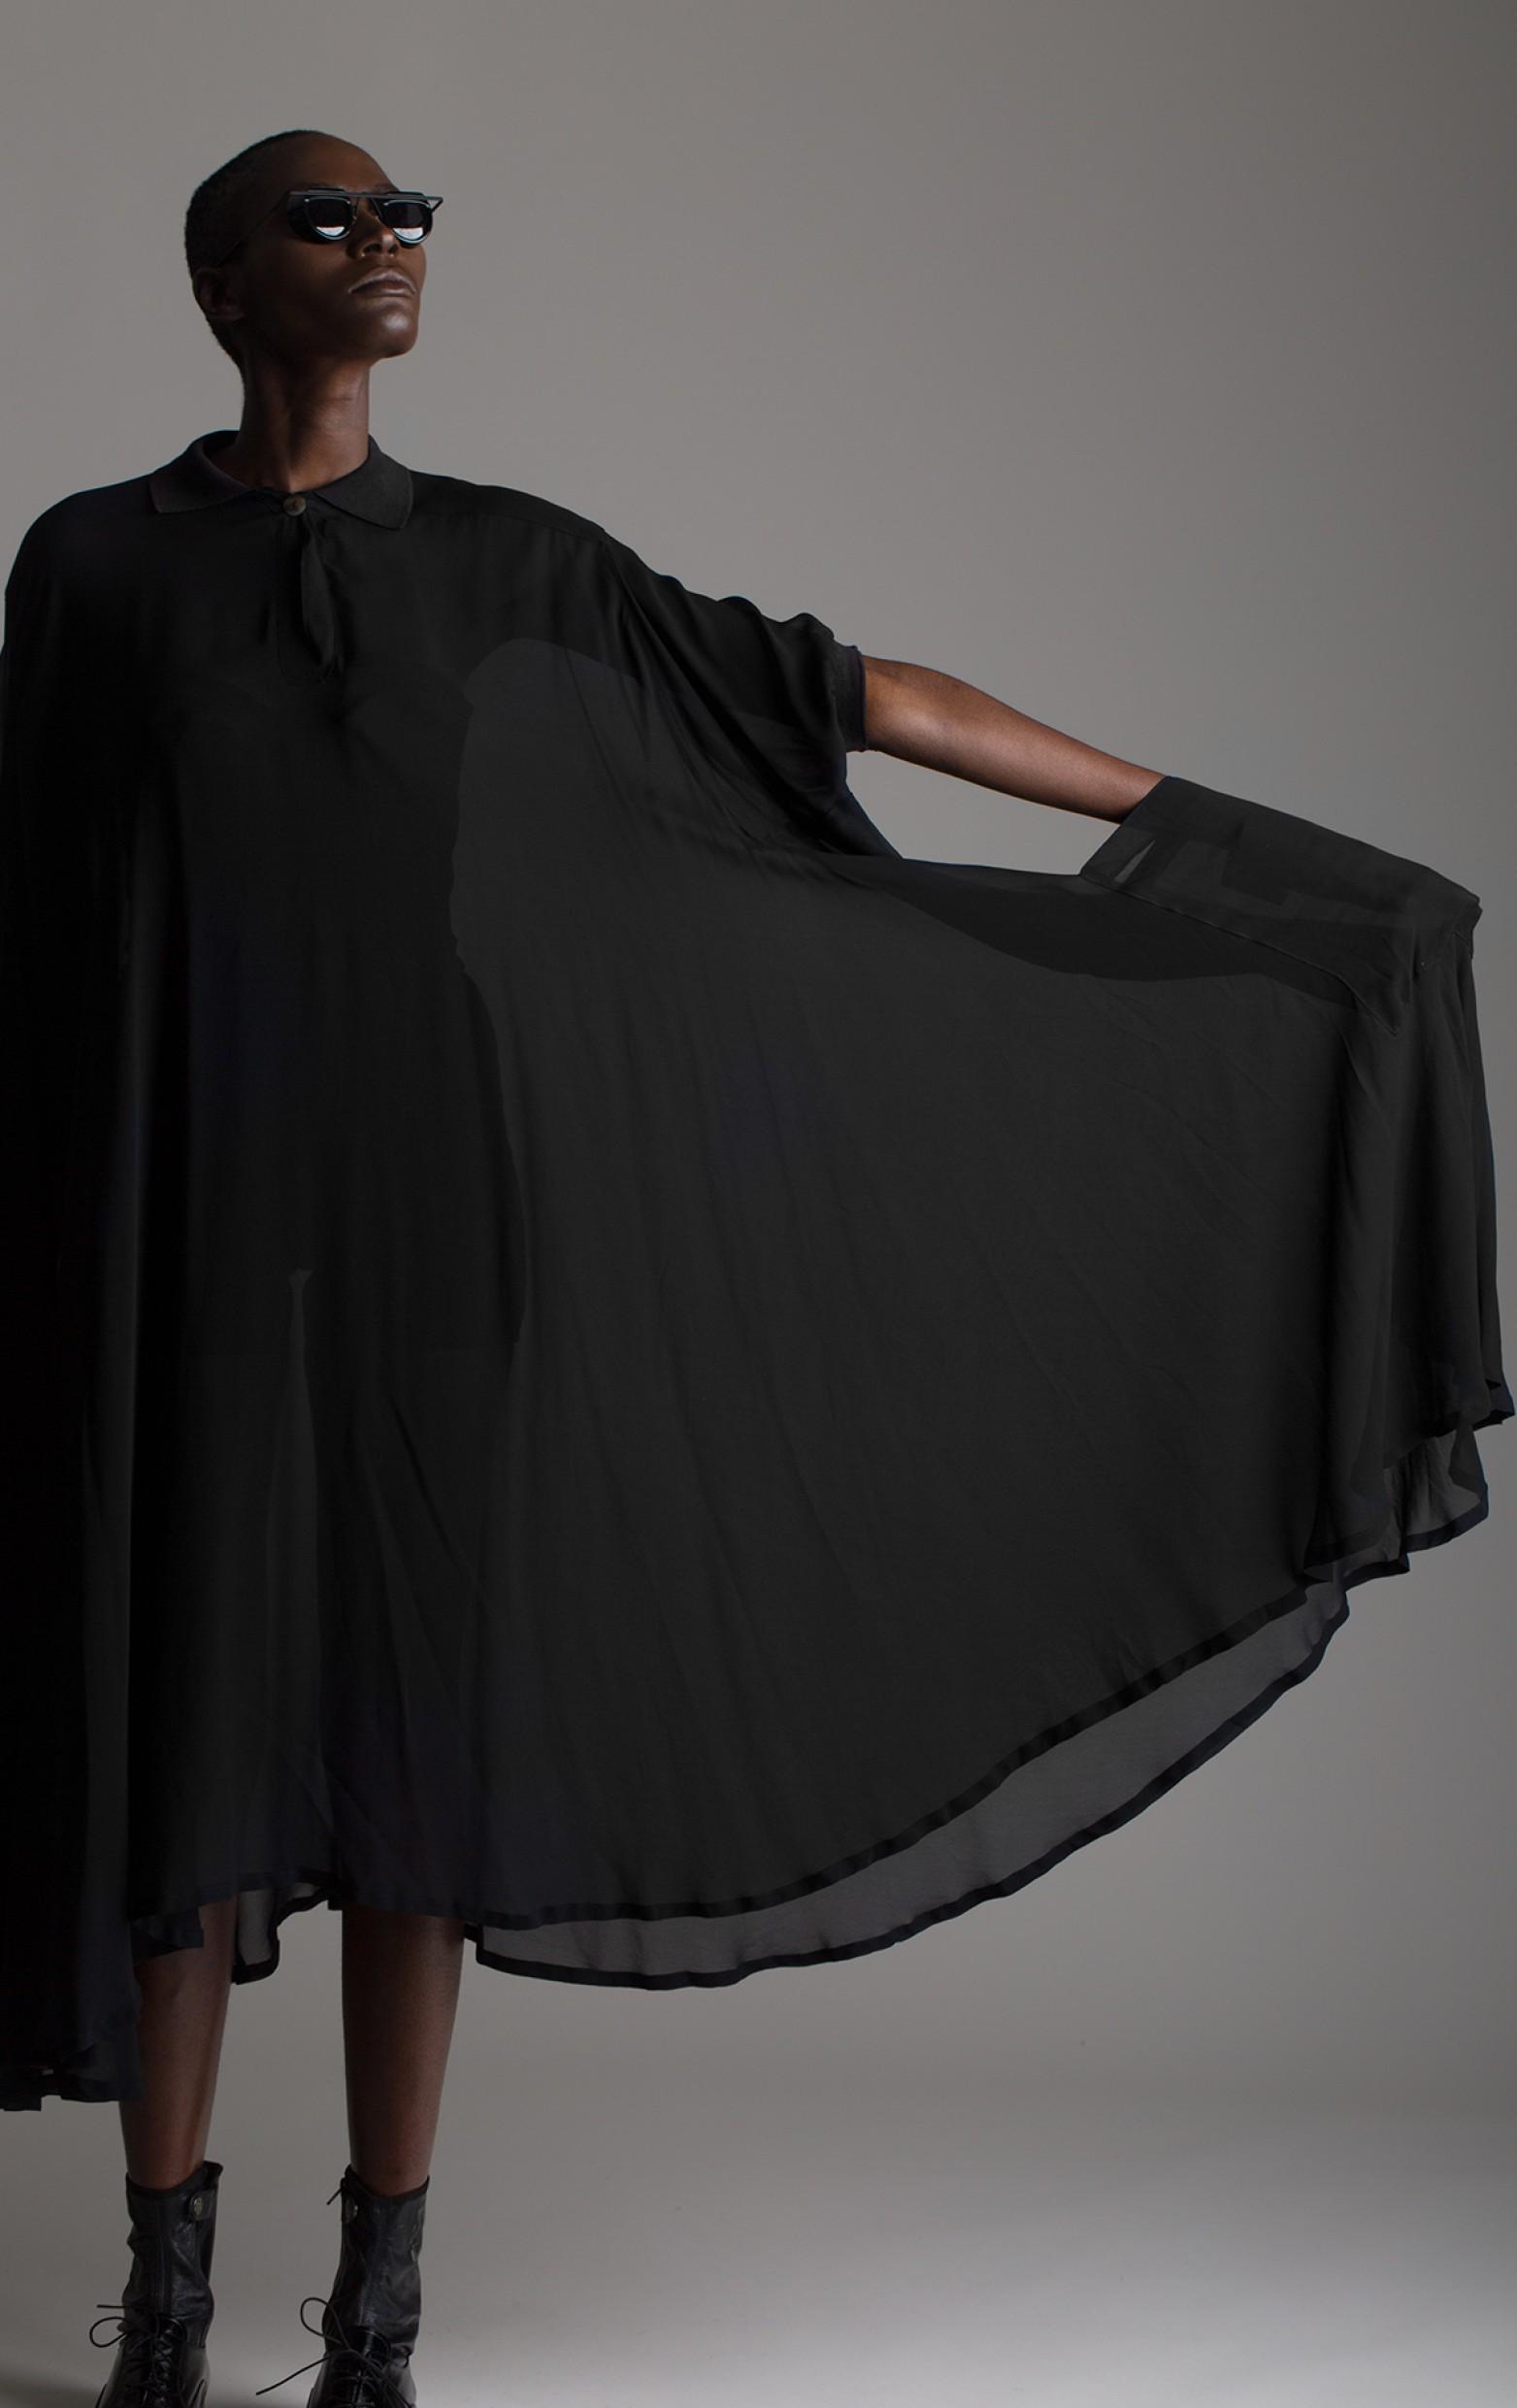 jean paul gaultier classic beadbag jean paul gaultier. Black Bedroom Furniture Sets. Home Design Ideas